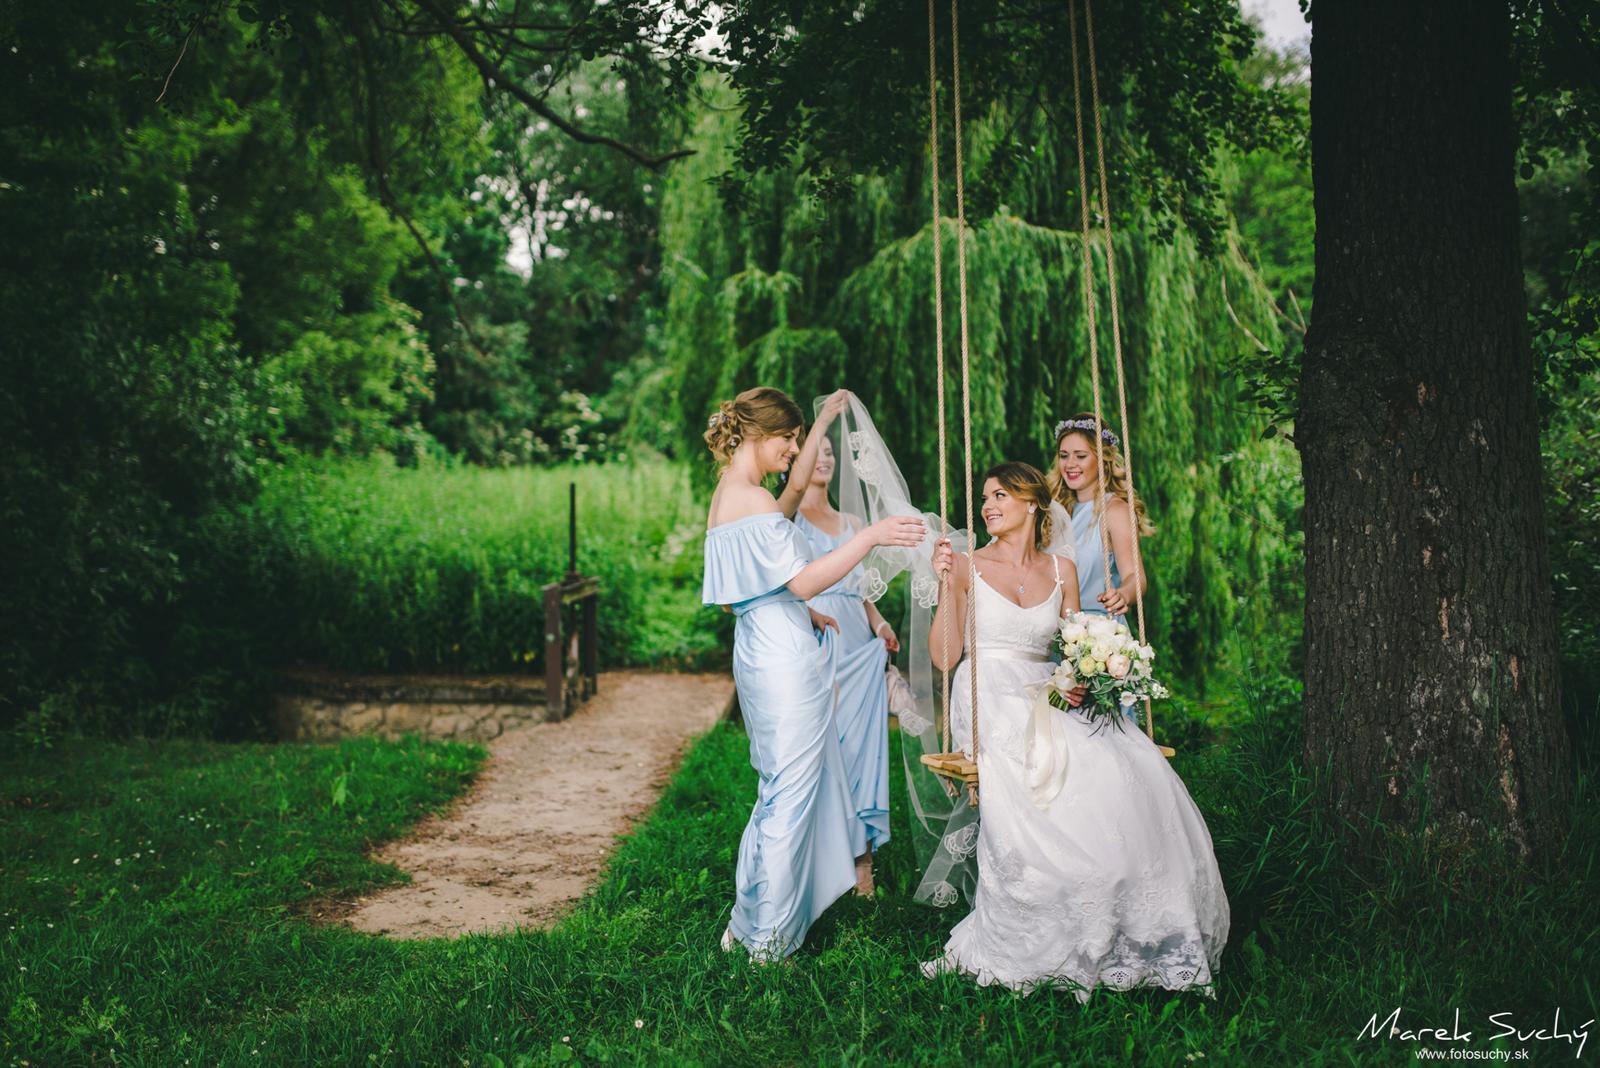 Tvorím svadobné príbehy - Obrázok č. 1